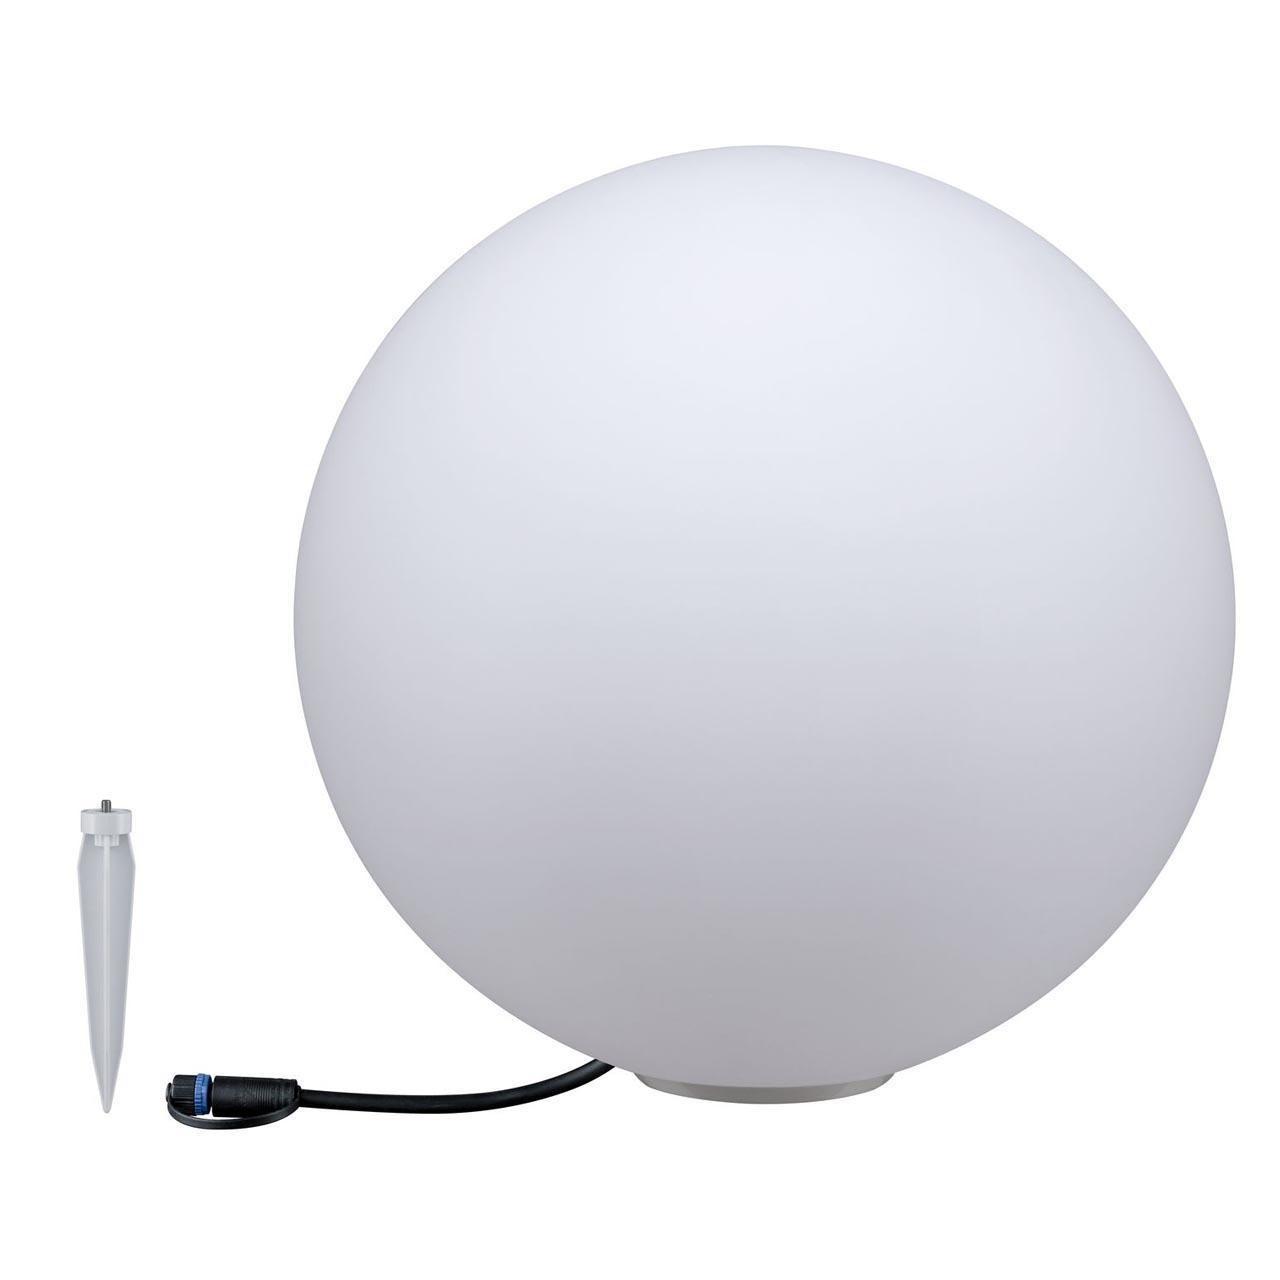 Уличный светодиодный светильник Lichtobjekt Globe белого цвета